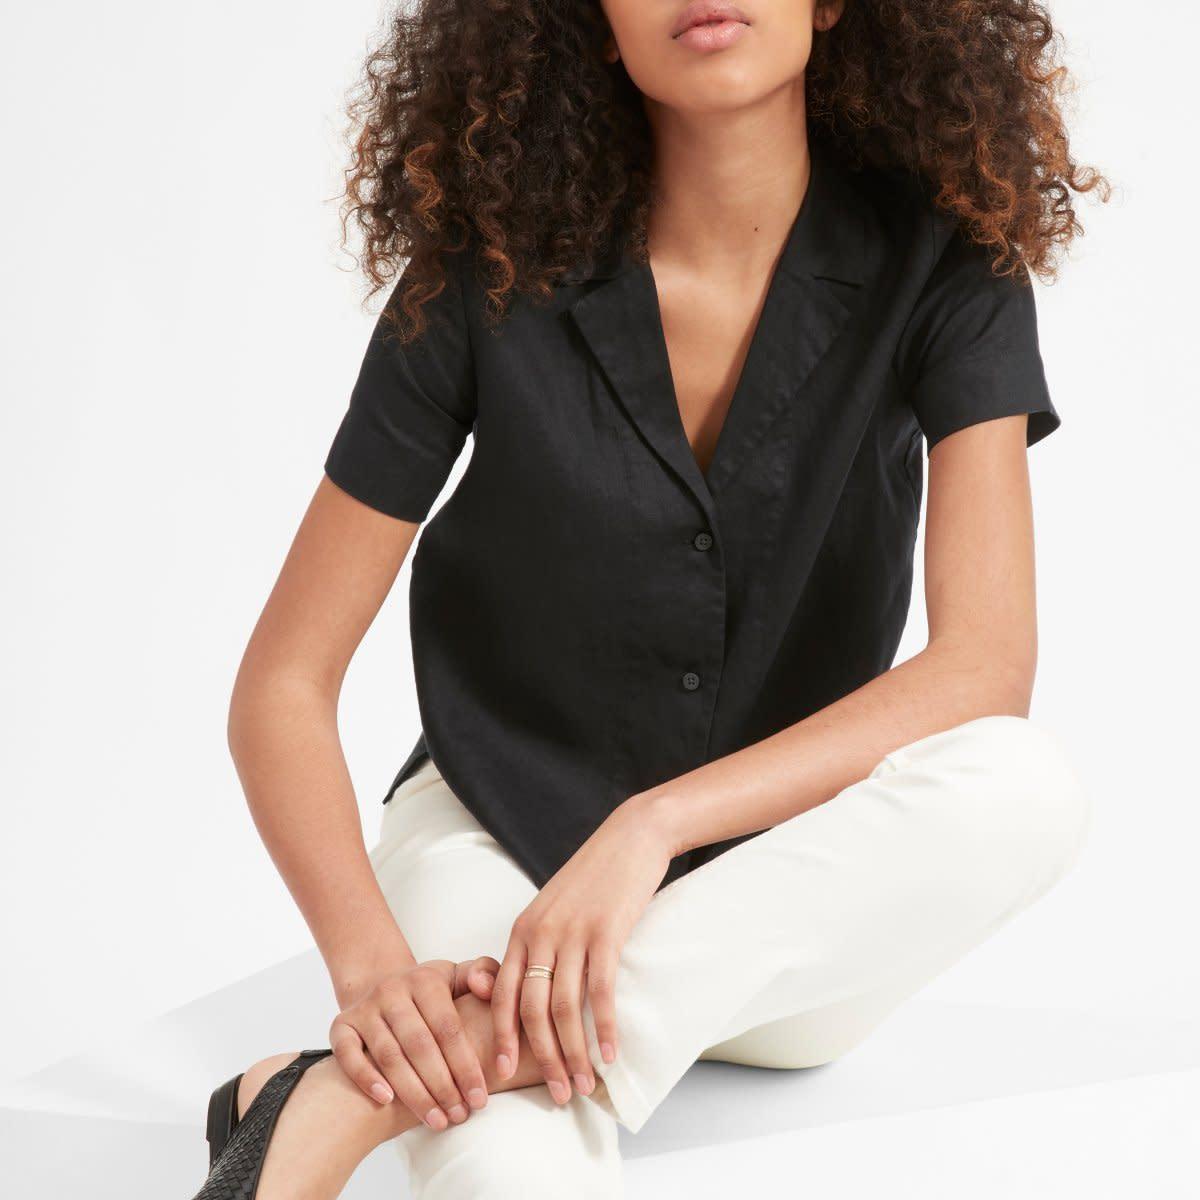 Everlane Women's Linen Notch Short-Sleeve Shirt, $58, available here.